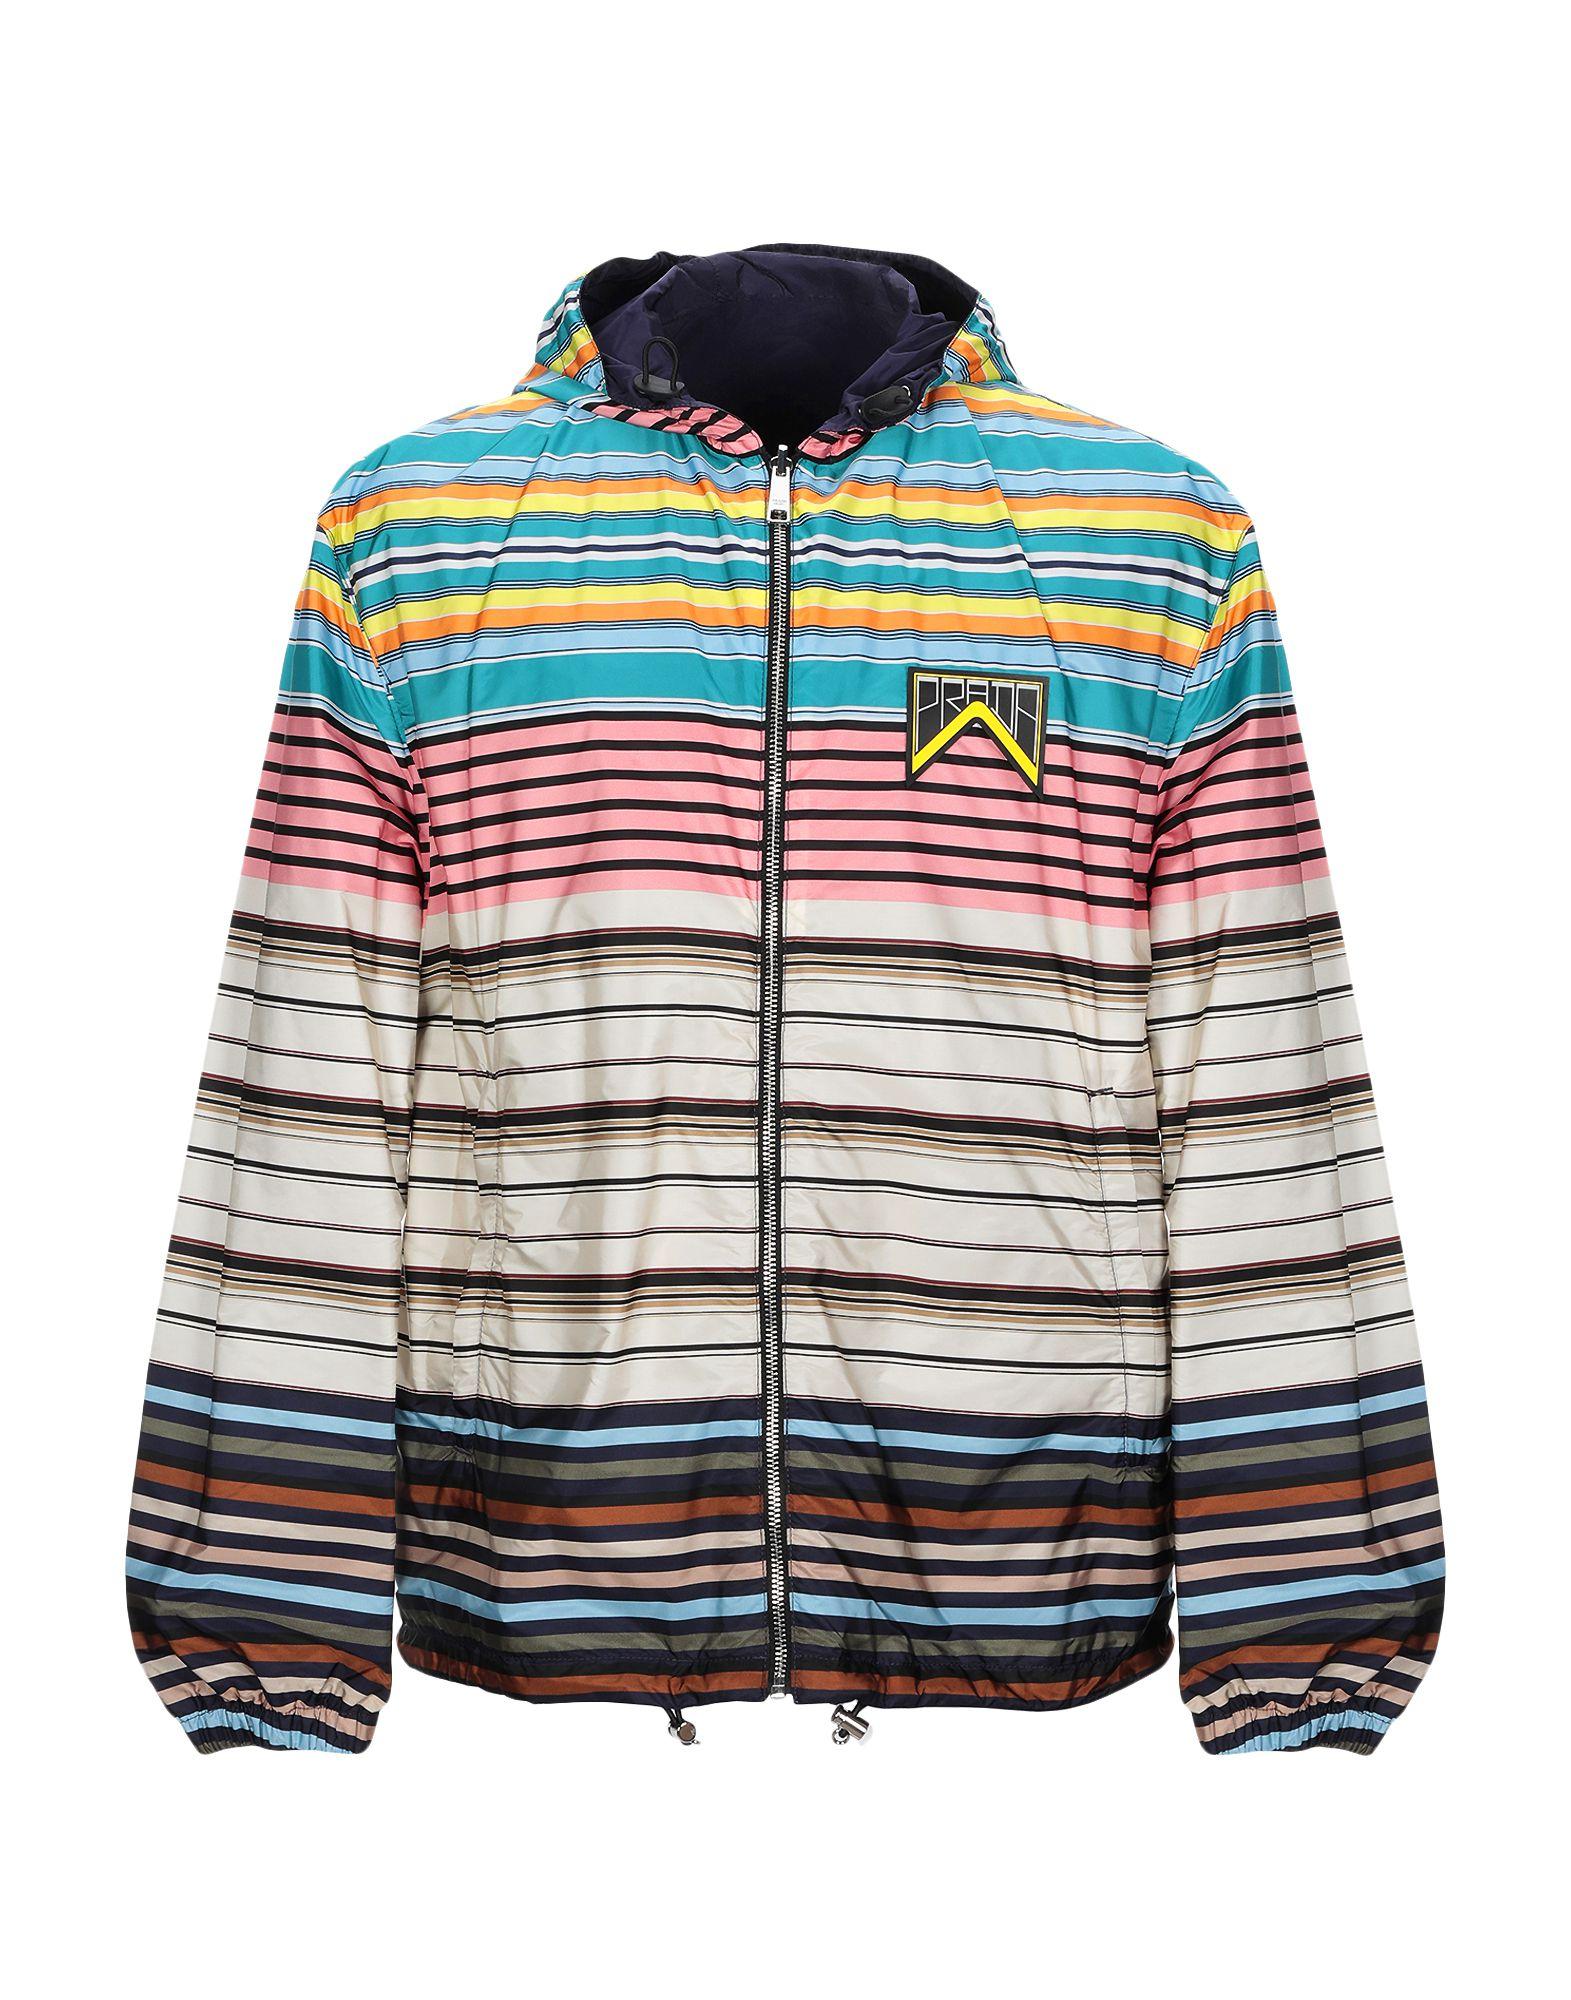 PRADA Jackets - Item 41937352